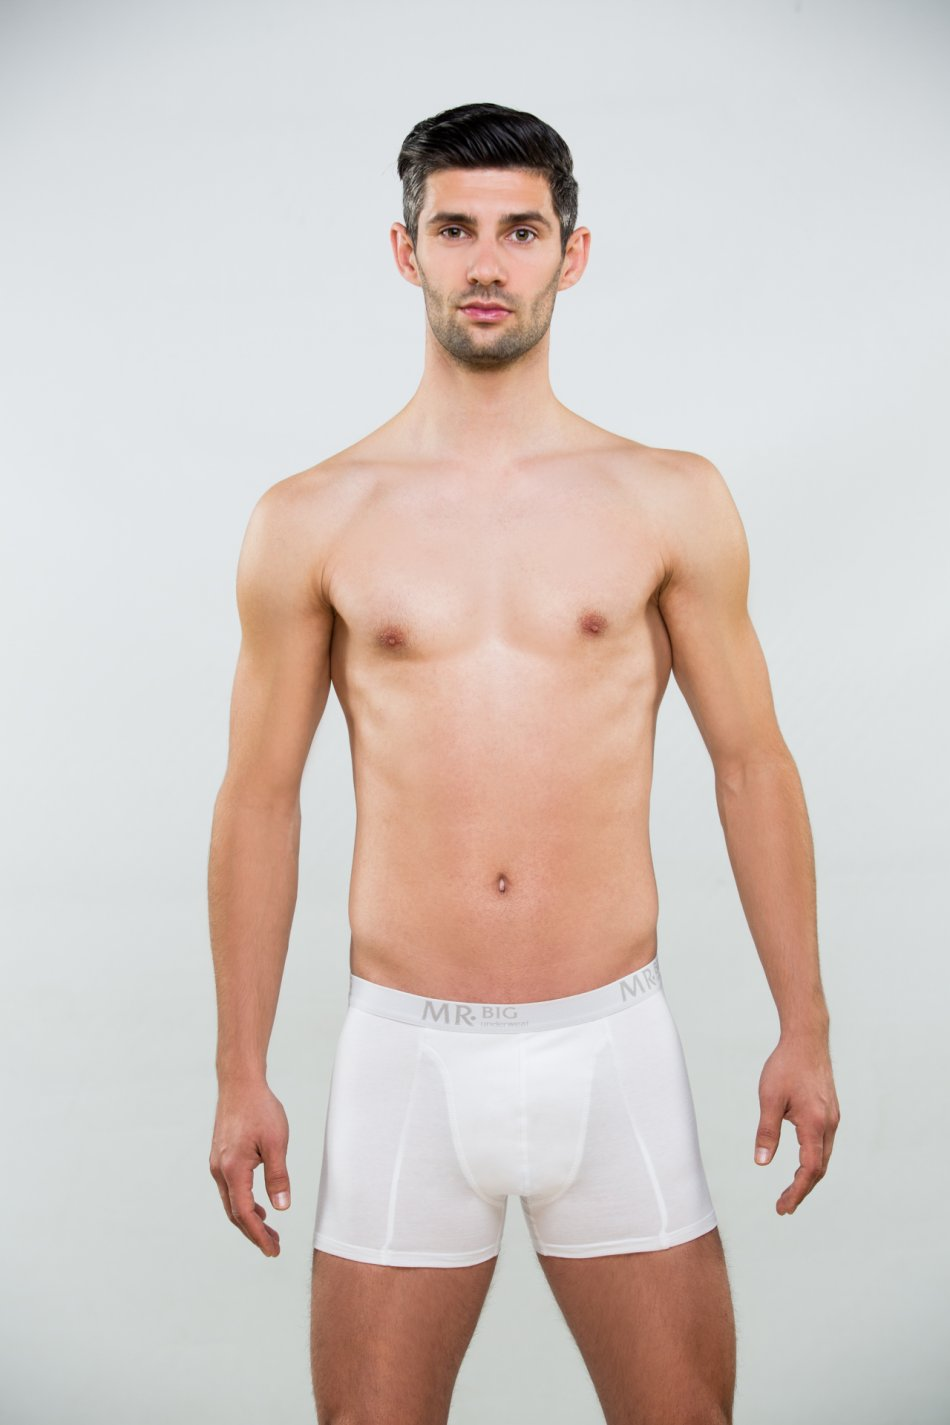 Mr.Big model 201 alb 1